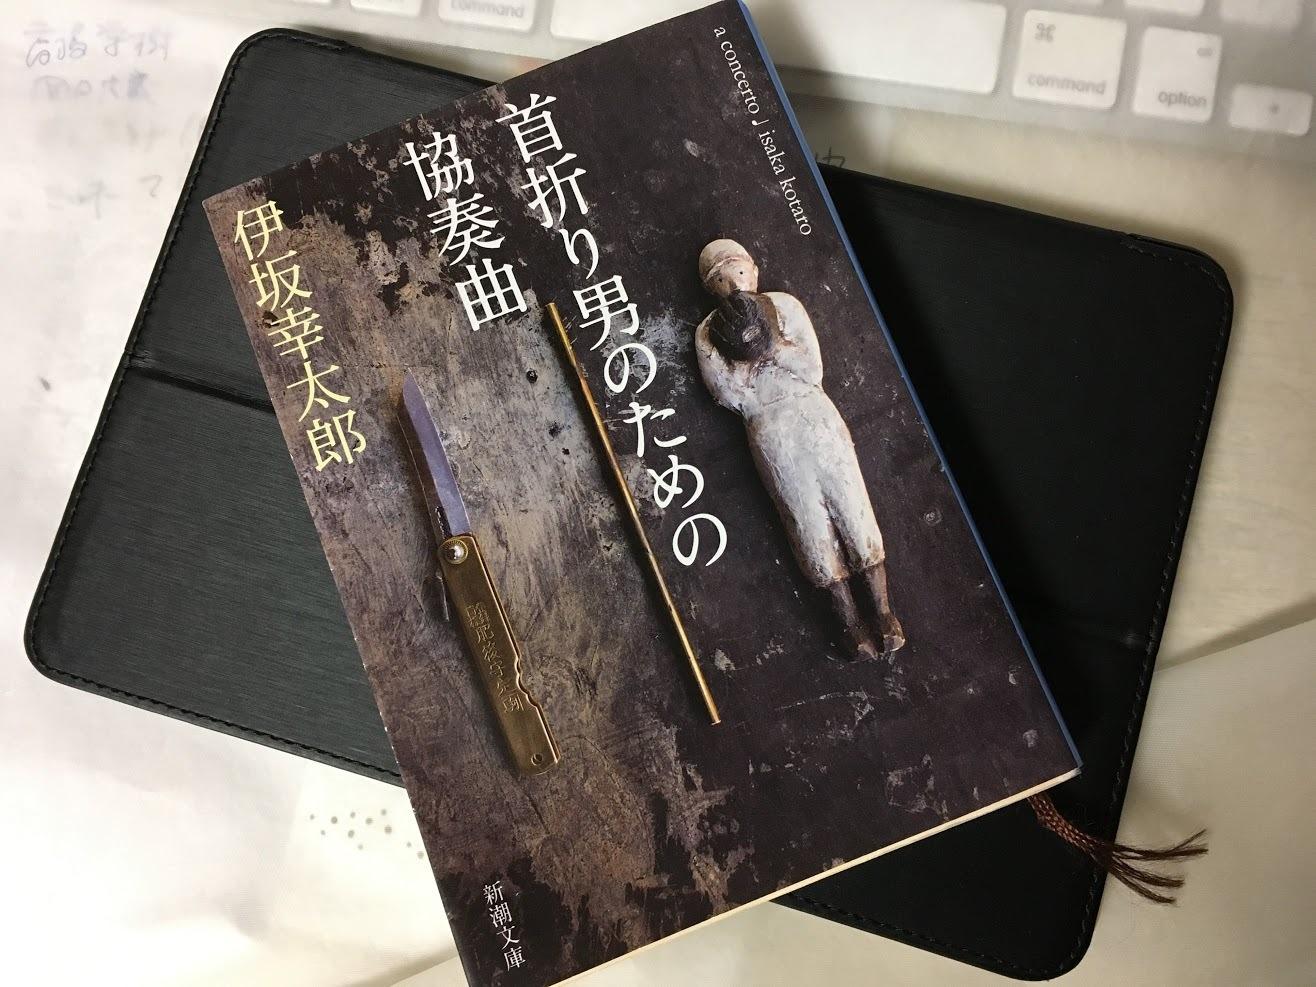 首折り男のための協奏曲 伊坂幸太郎